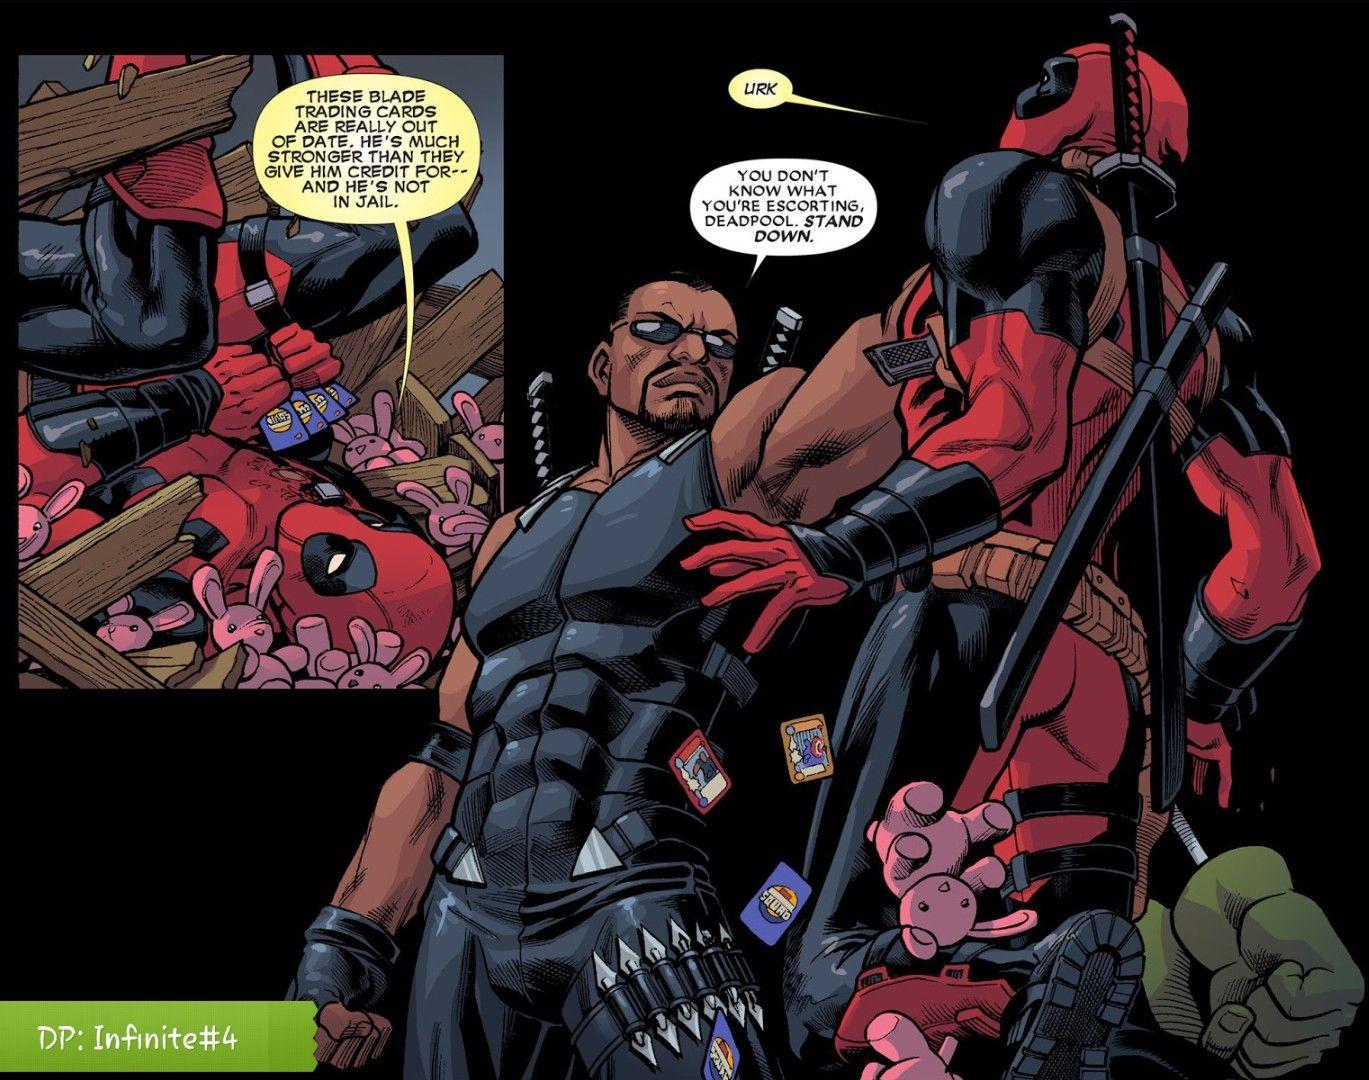 Blade vs Deadpool Marvel deadpool, Deadpool